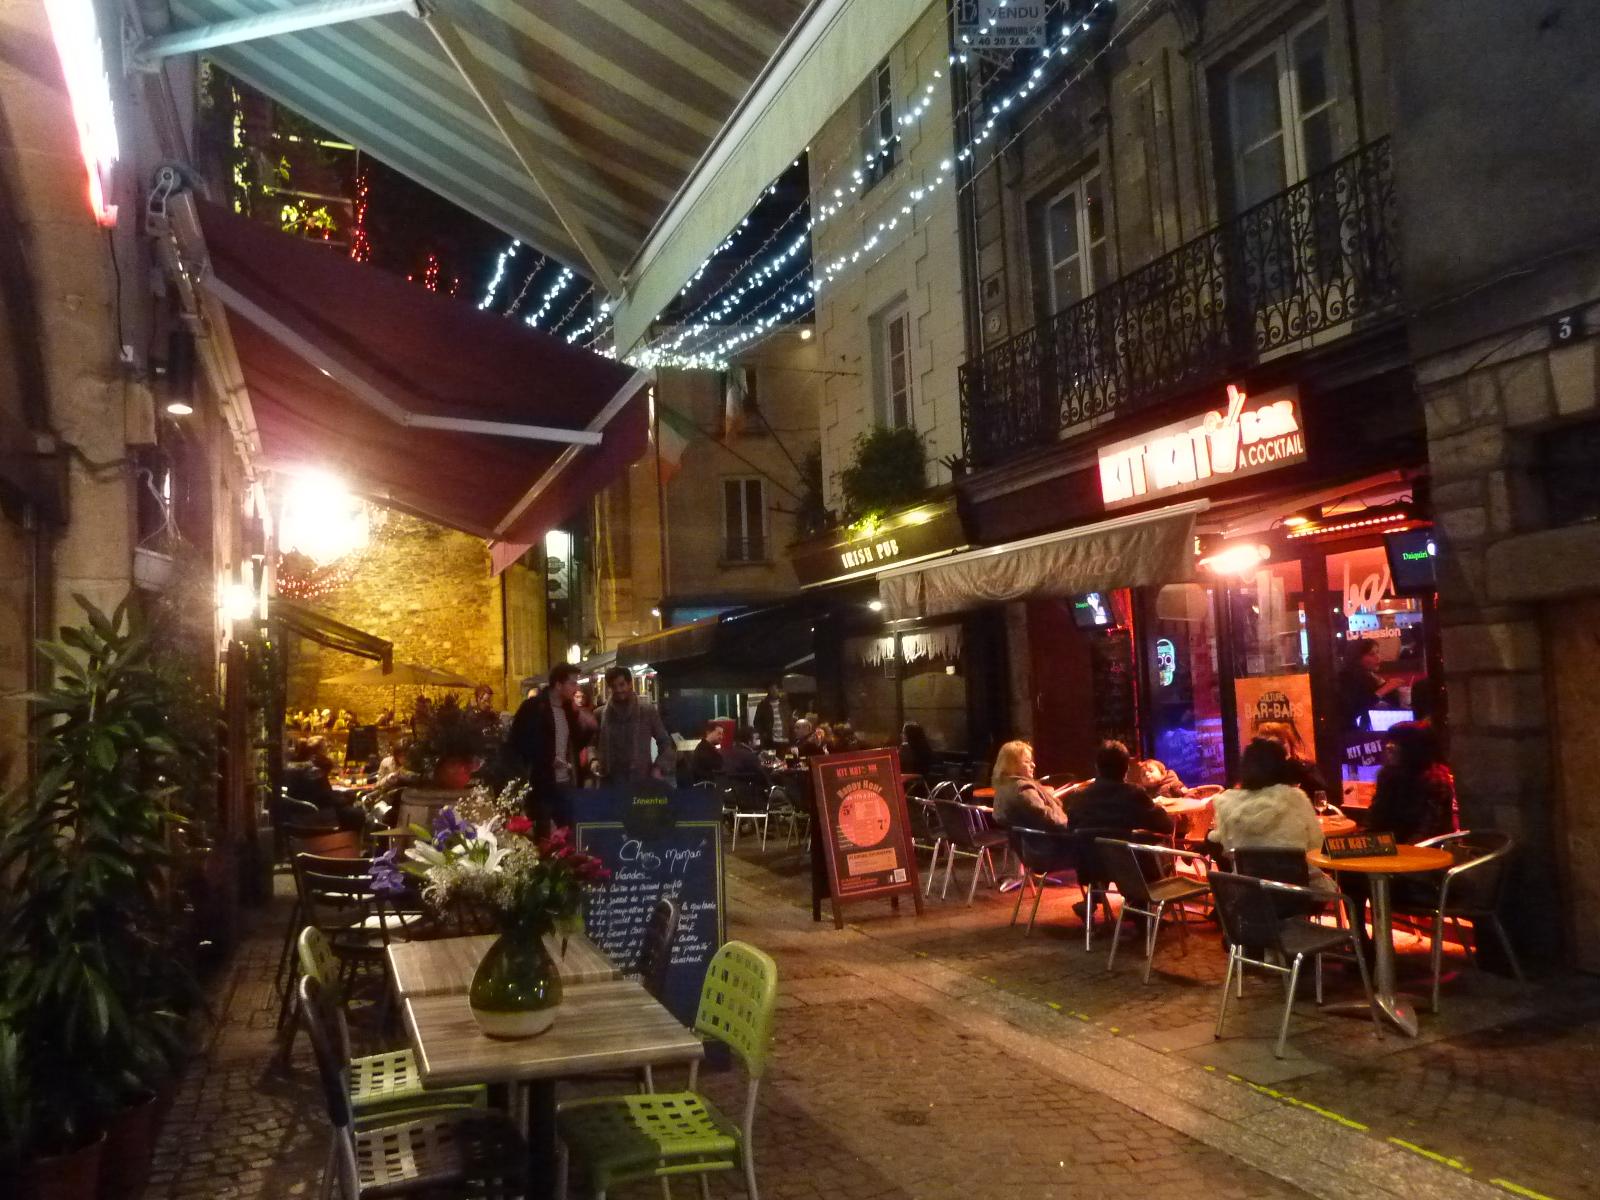 Premiers pas nantes du 25 au 28 novembre 2014 smiling around the world - Quartier petit port nantes ...